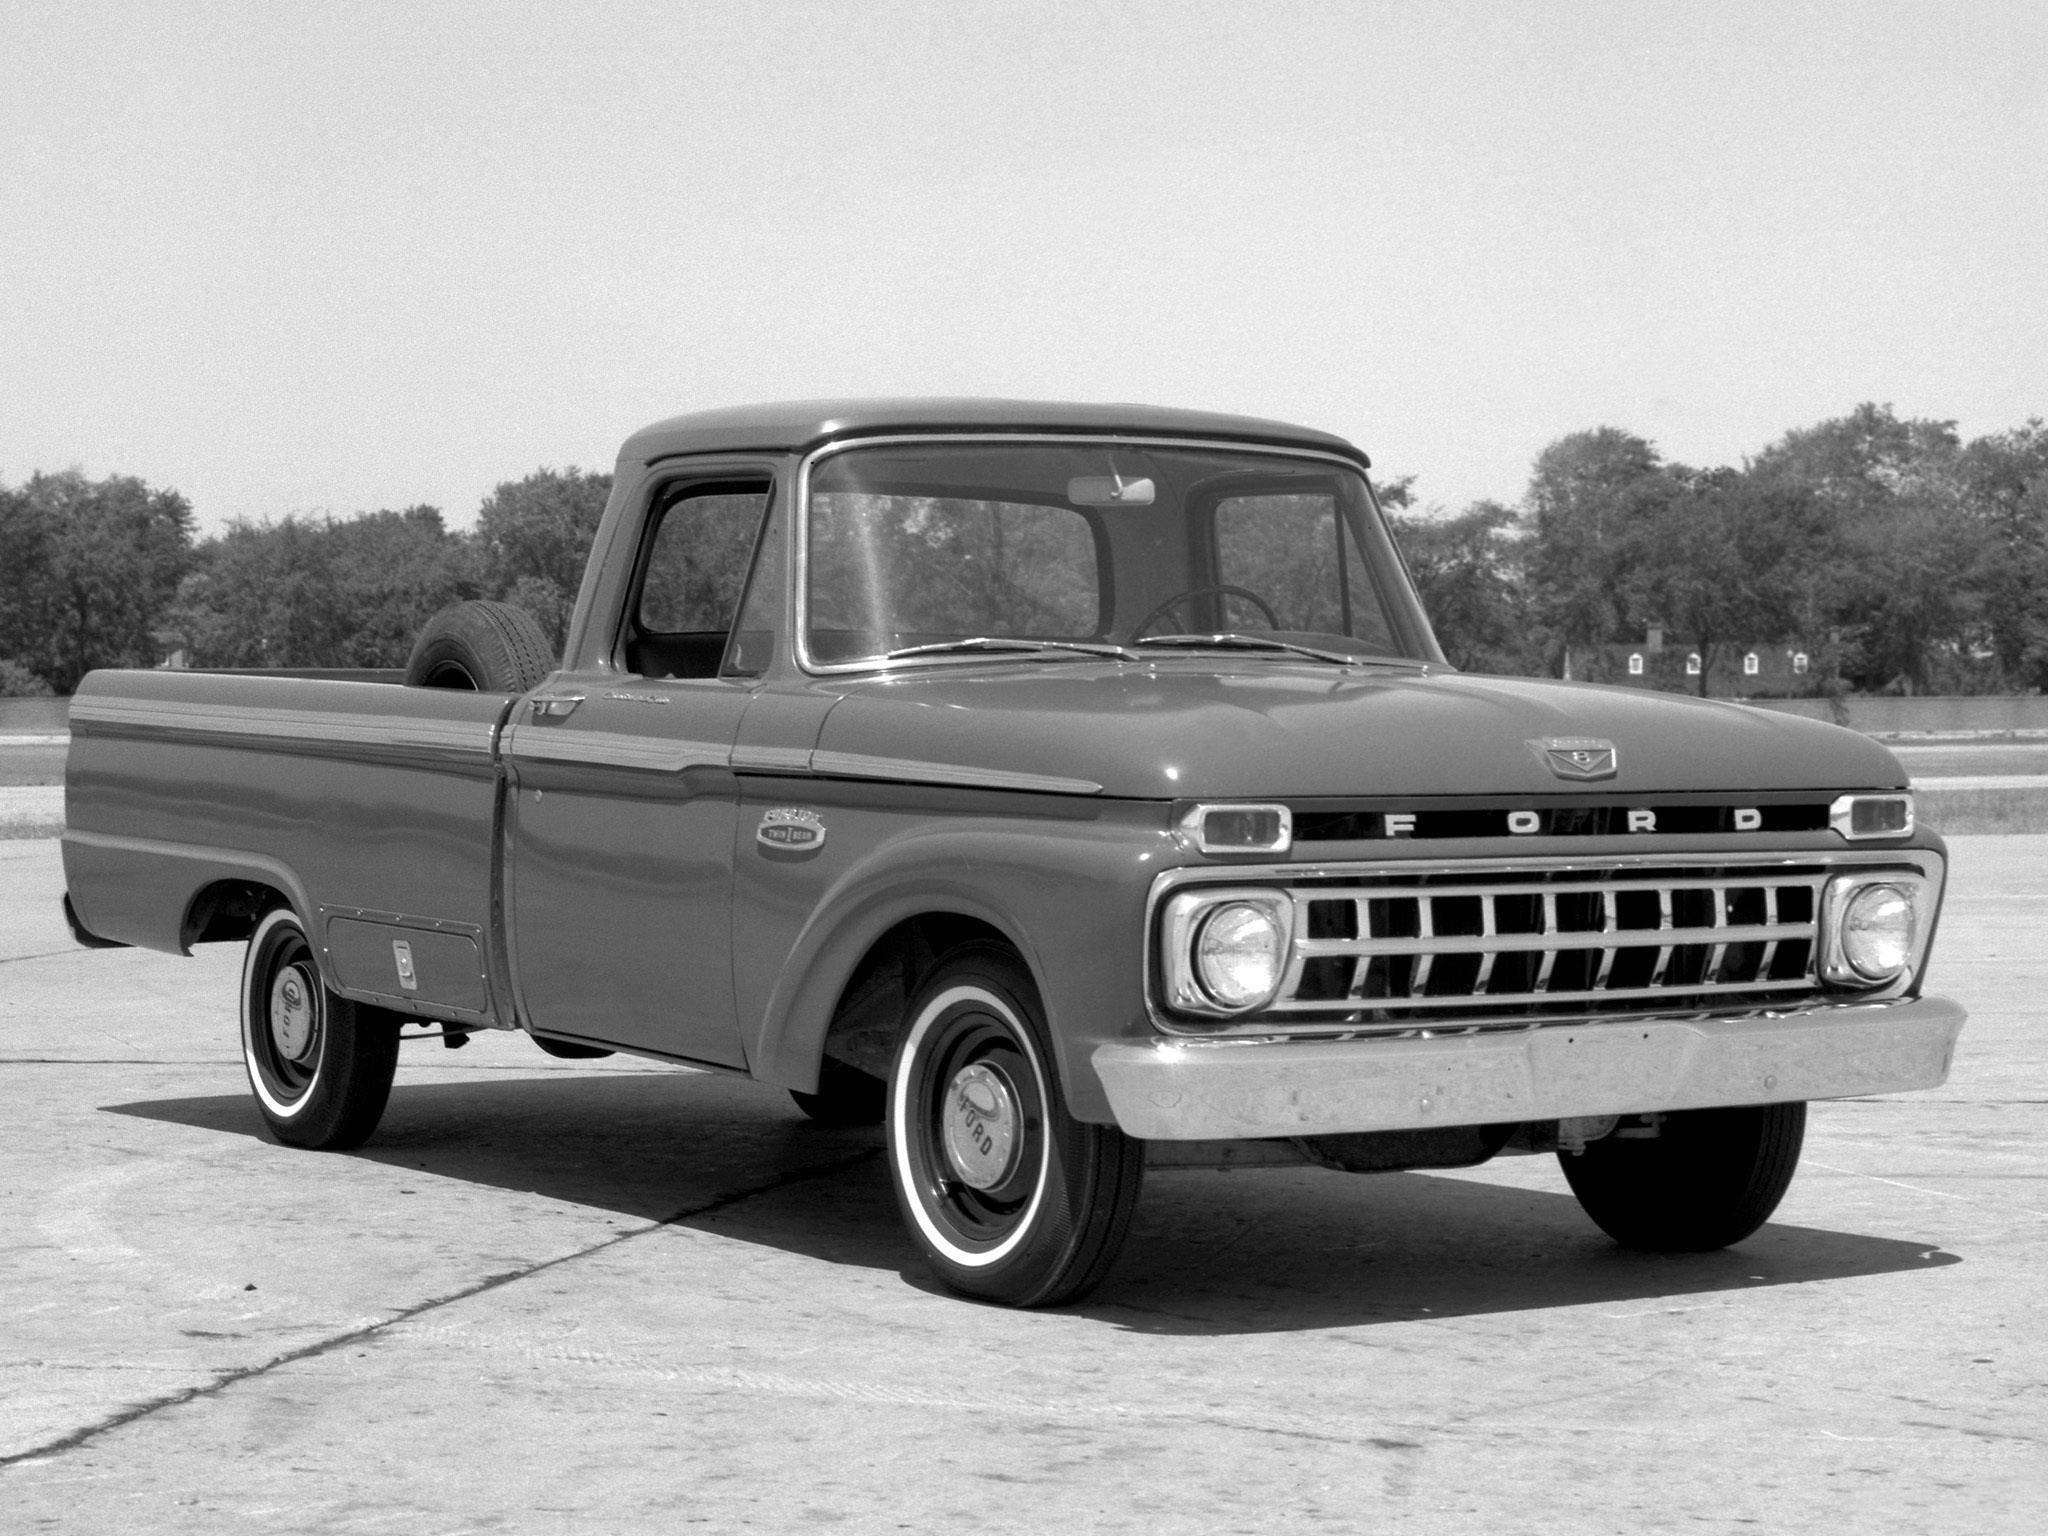 Old Ford Trucks : Classic ford truck wallpaper wallpapersafari